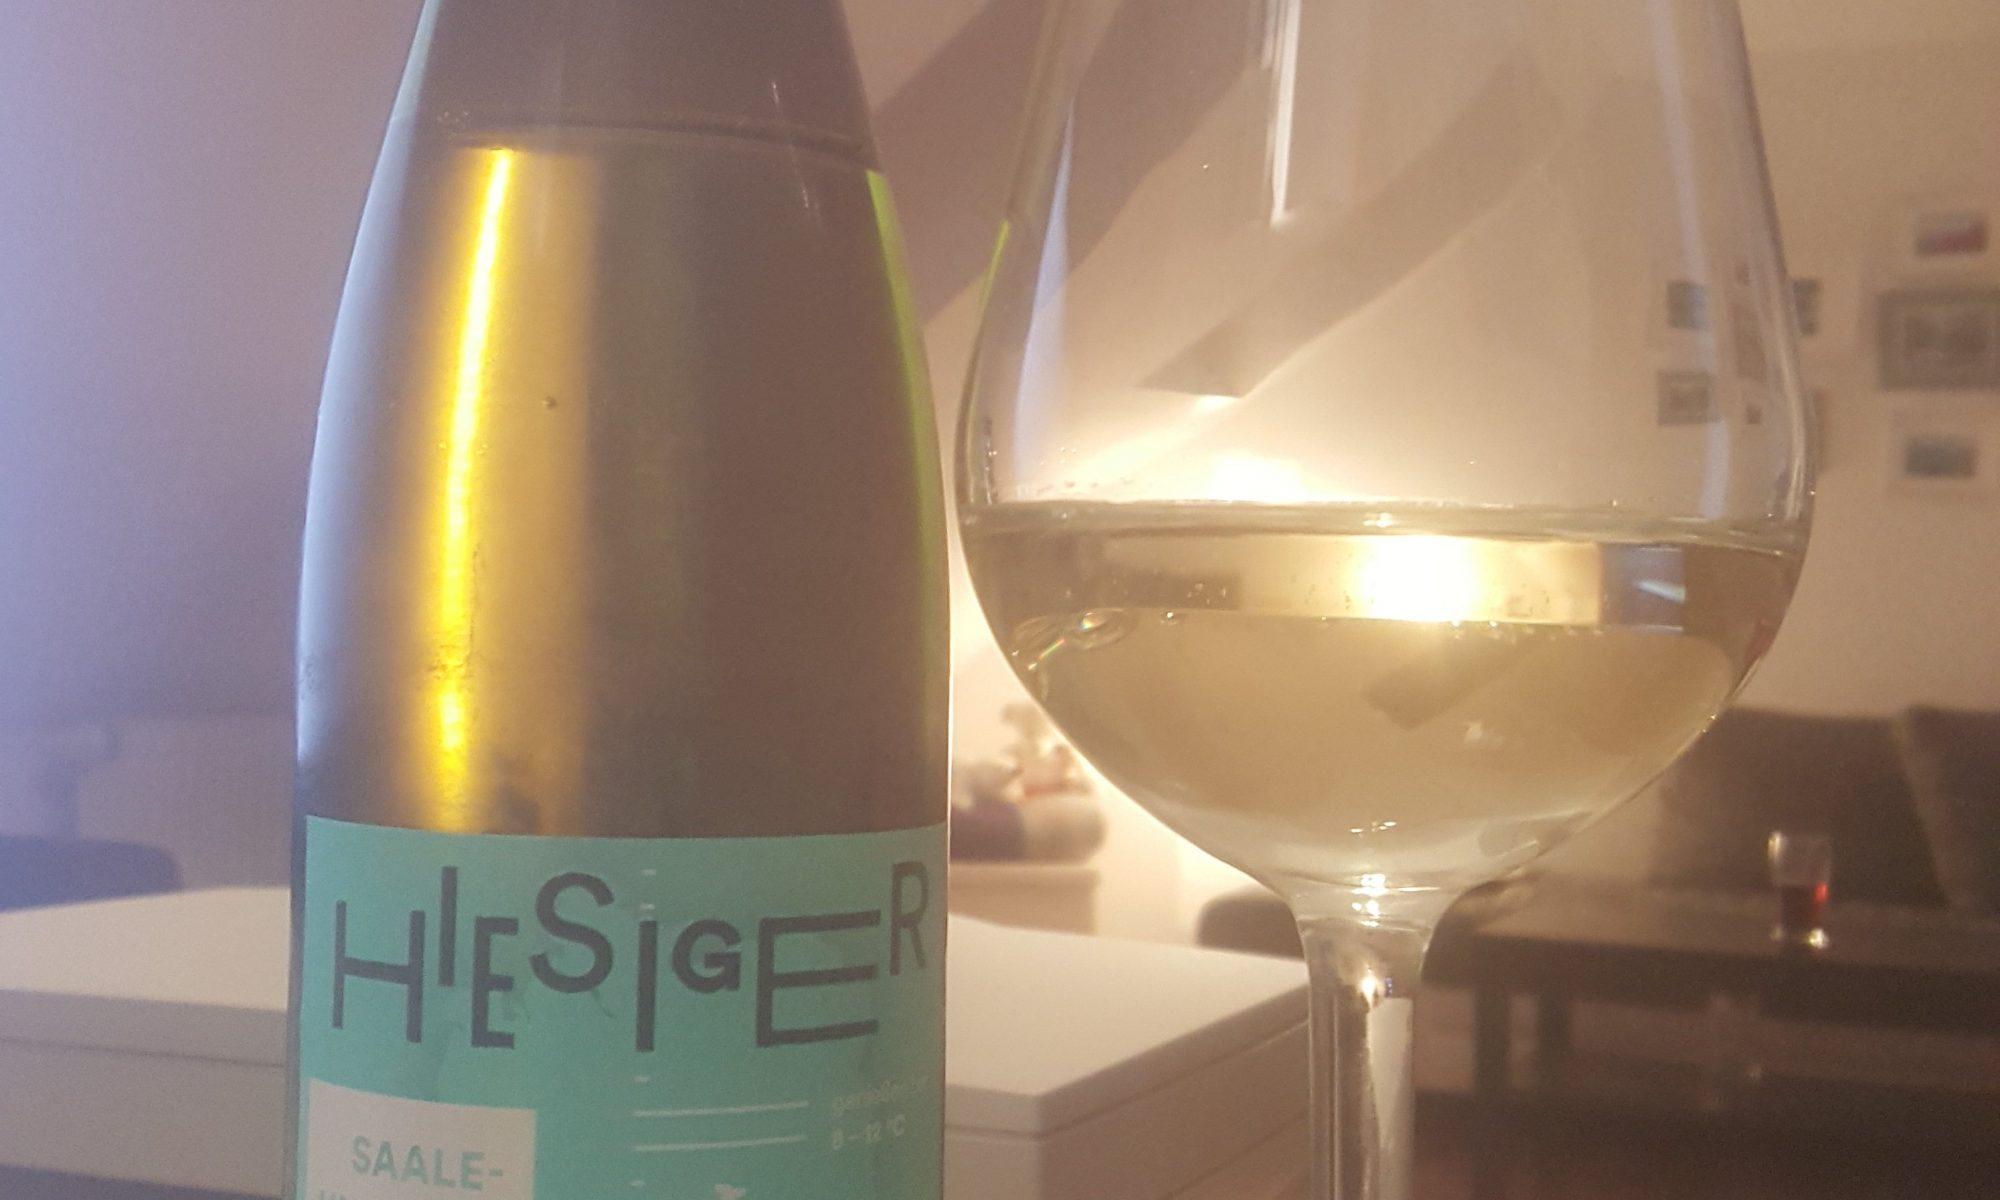 Cuvee Weißwein - Weinhaus Hiesiger Freyburg